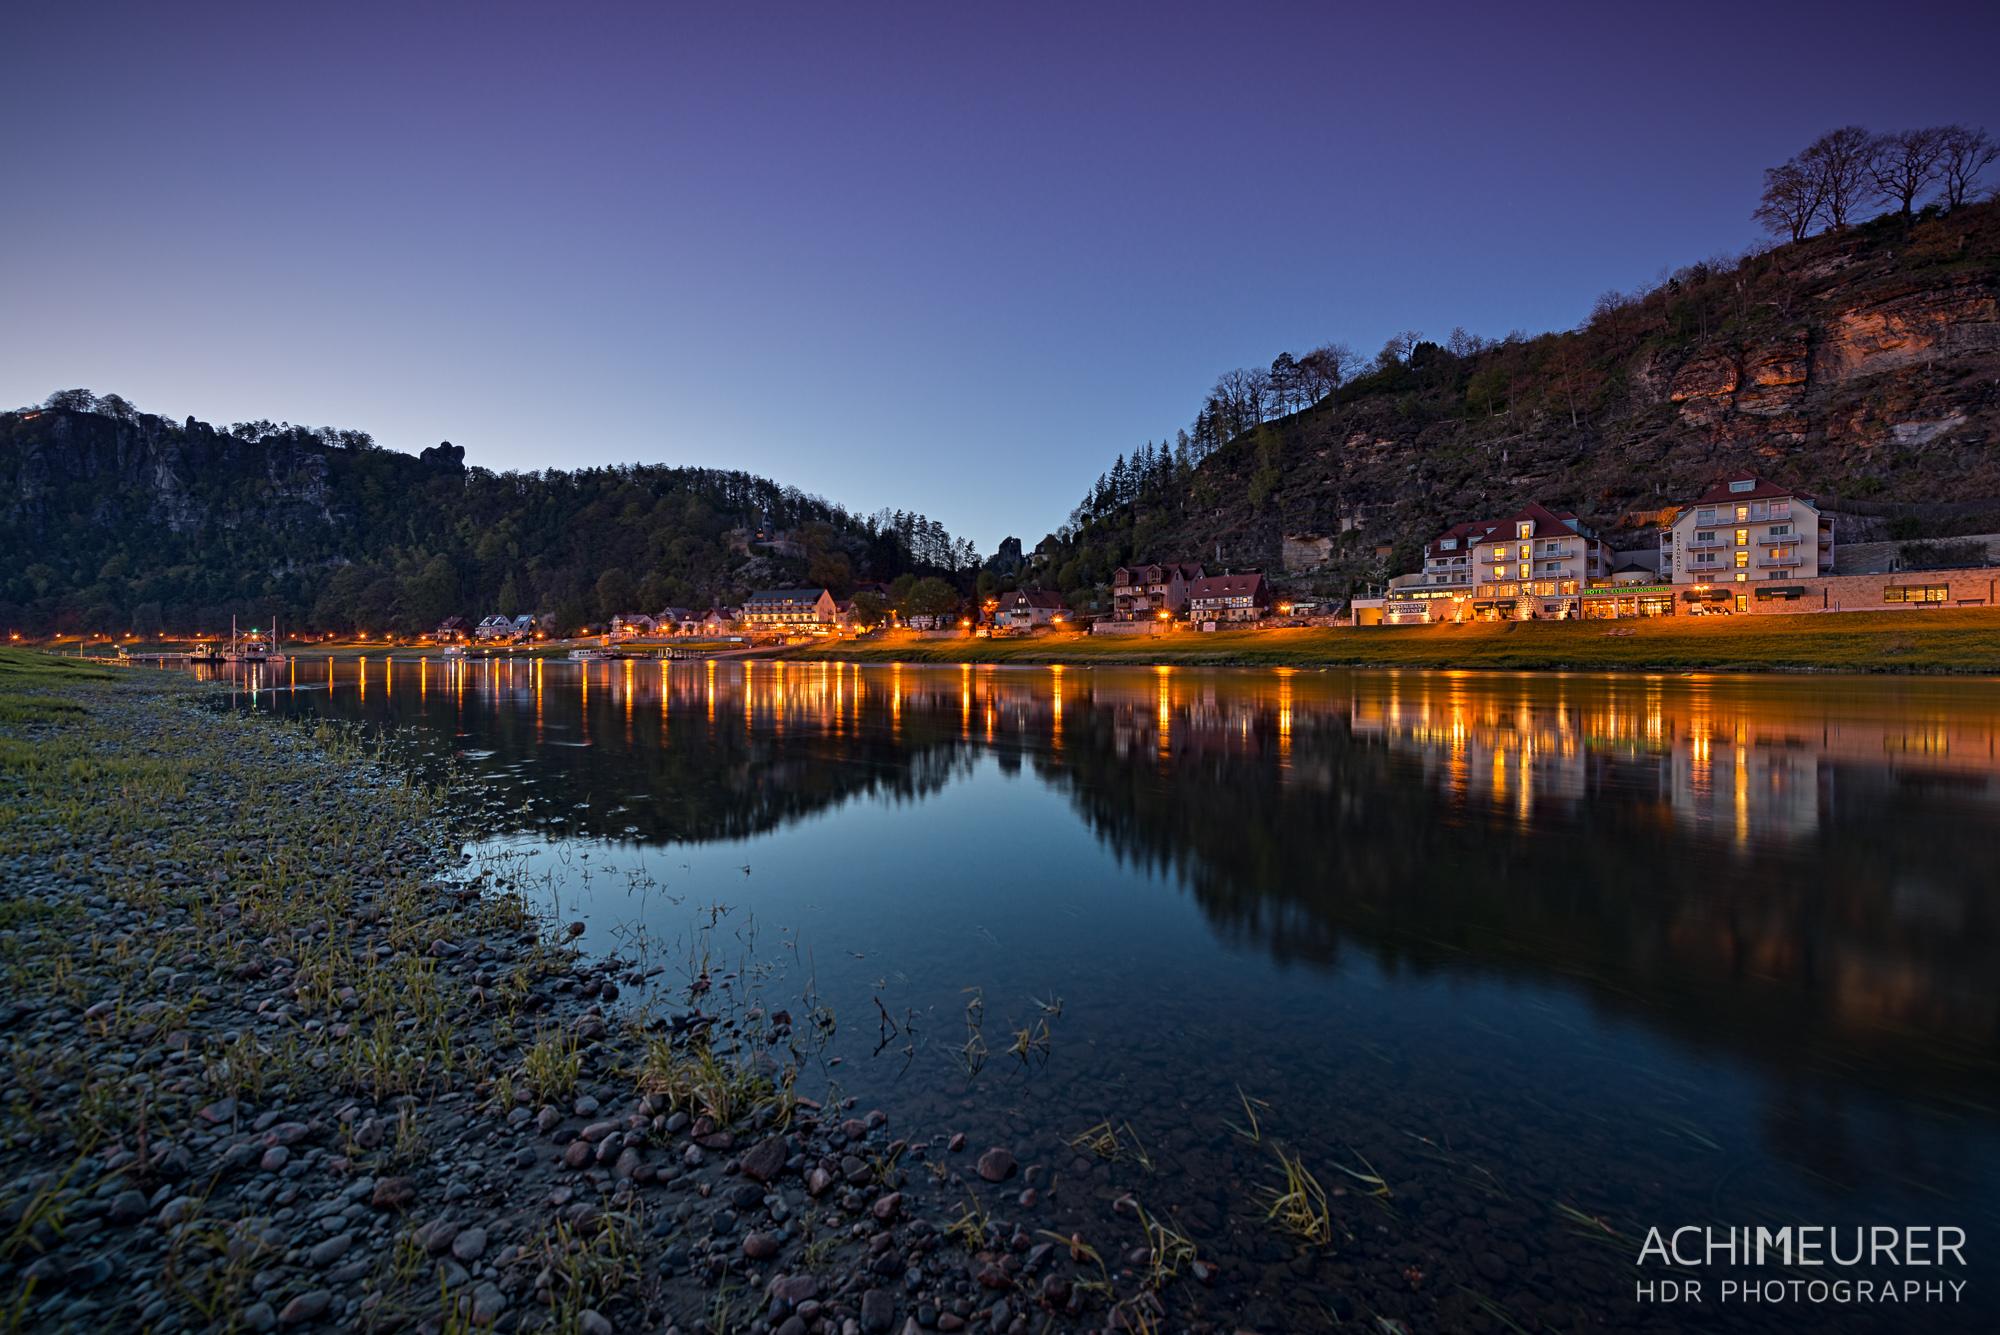 Saechsische-Schweiz-Rathen-Blaue-Stunde_9137_6_5_4_3_HDR